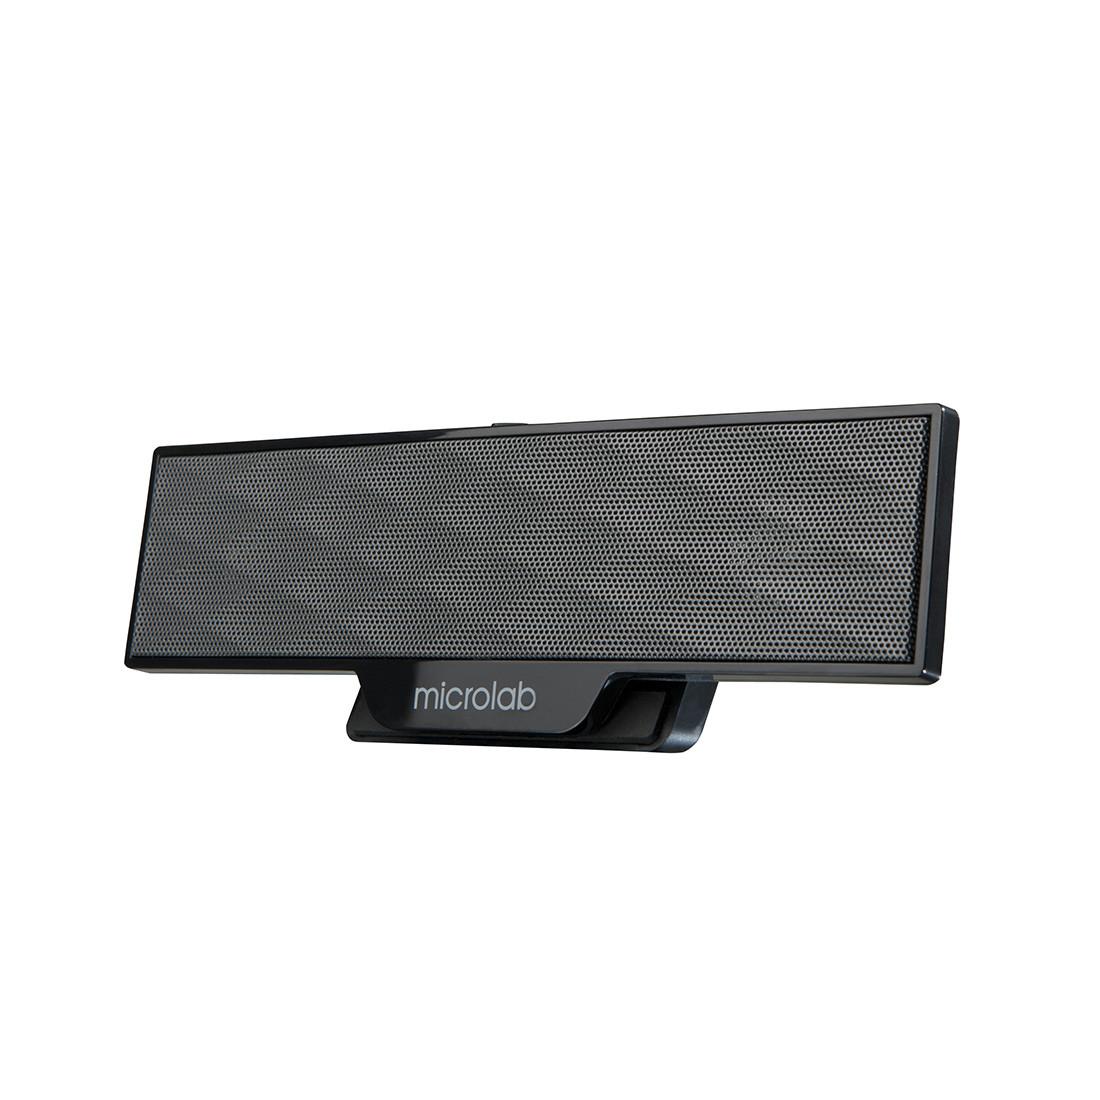 Колонки  MicroLab  B51(USB)  2.0  4Вт (2Вт*2)  USB (питание)  3 5 MiniJack  205*68*35 мм.  Чёрный